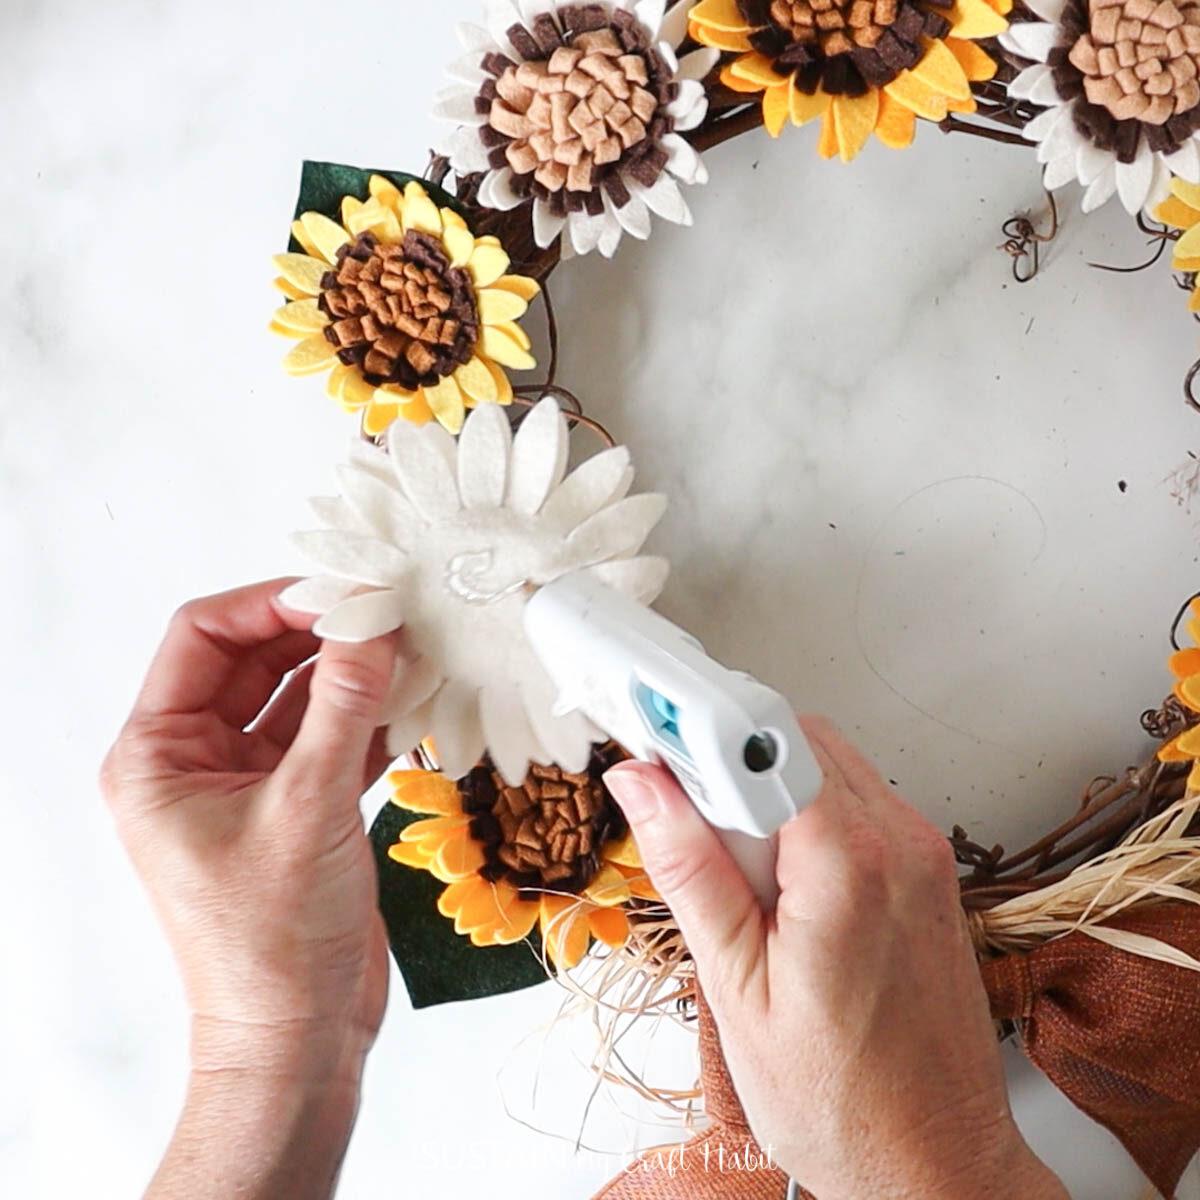 Gluing a felt sunflower onto the wreath.